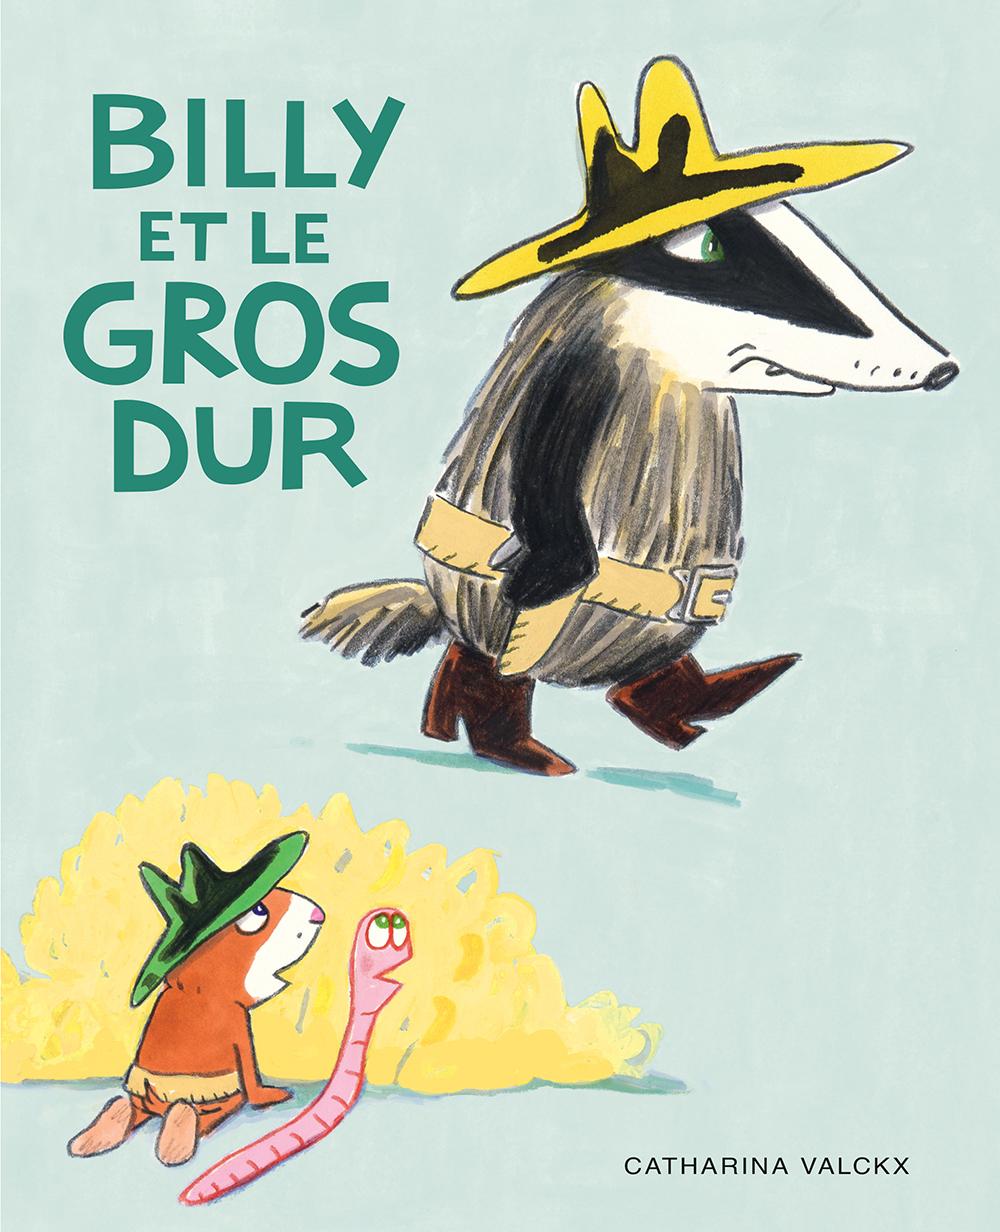 Billy et le gros dur | l'école des loisirs